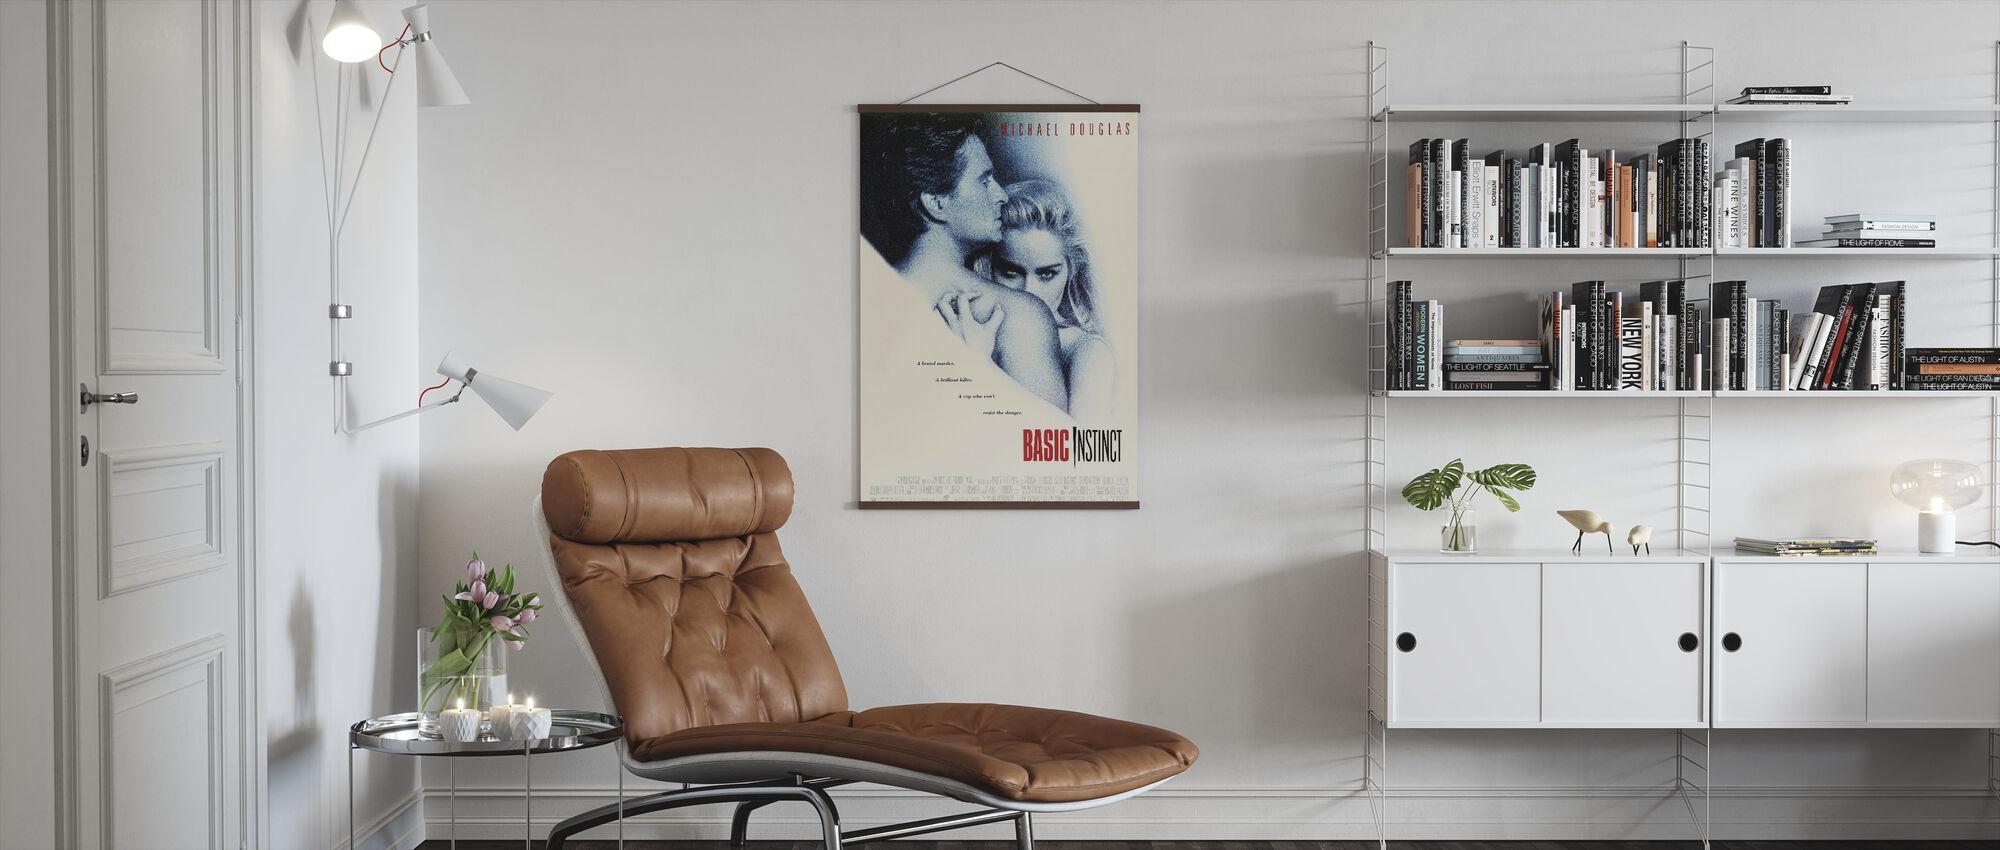 Basic Instinct - Poster - Living Room